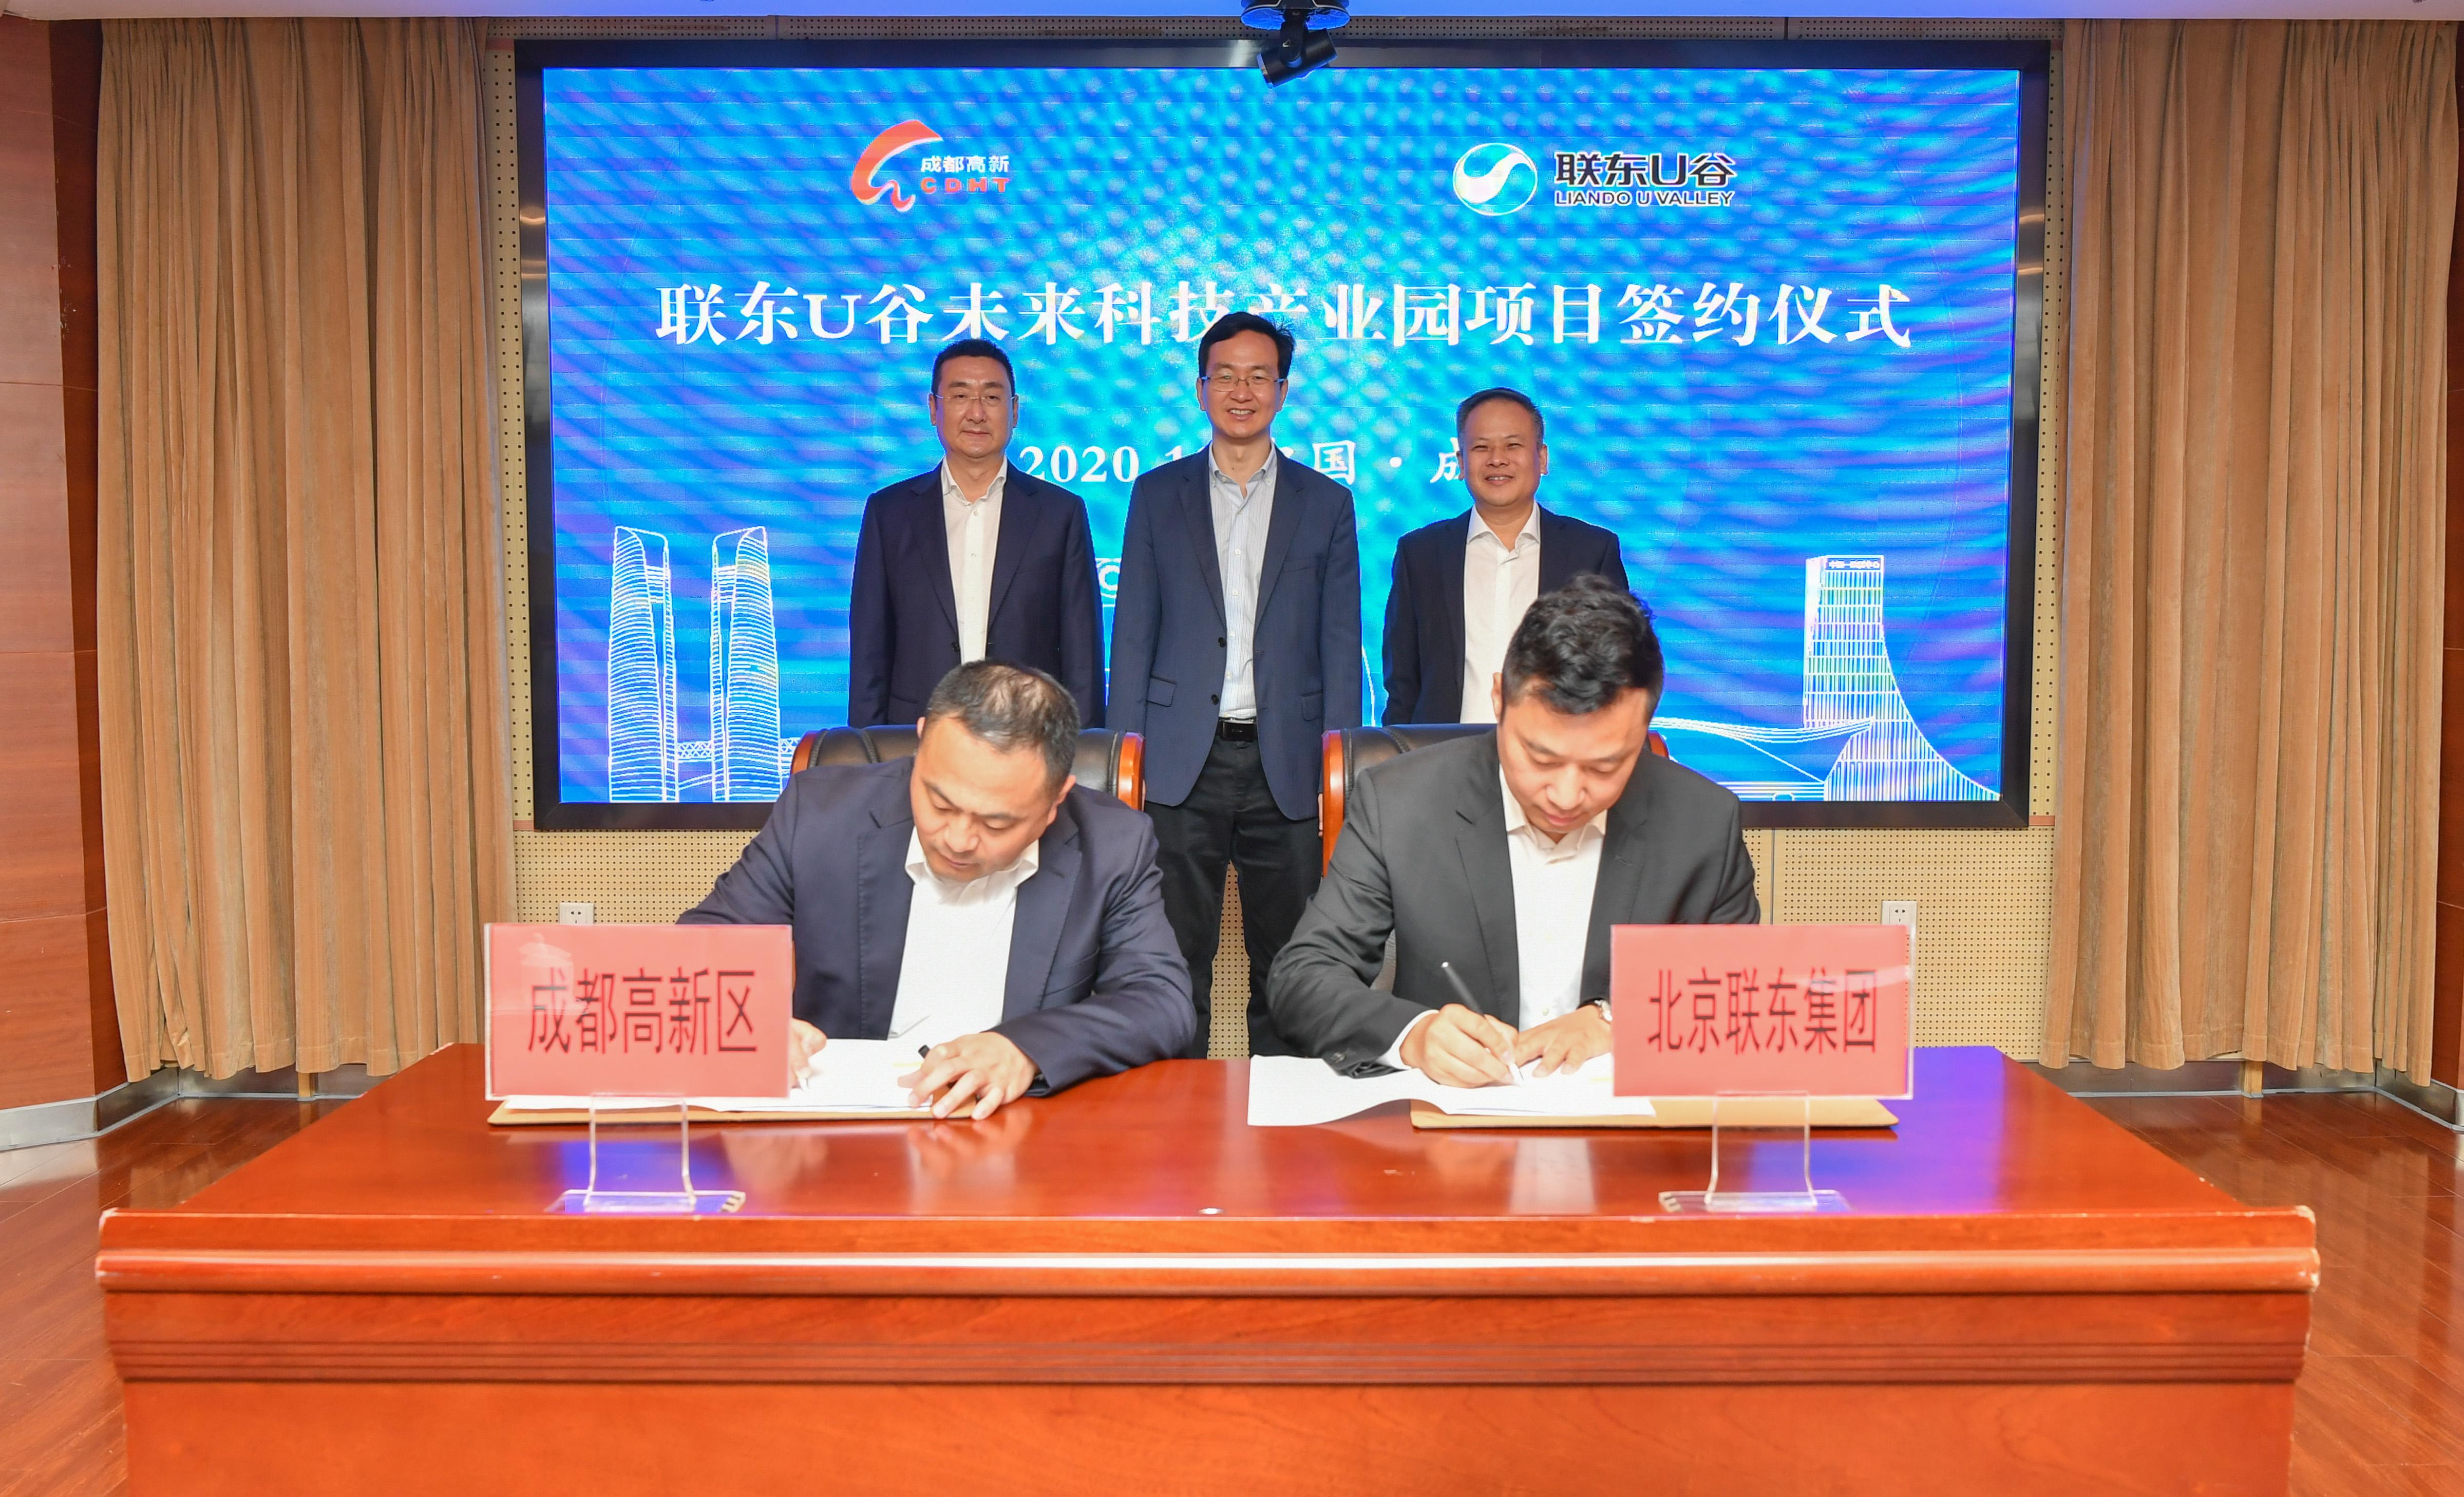 成都高新区项目招引再添新成果  两个百亿项目落地未来科技城